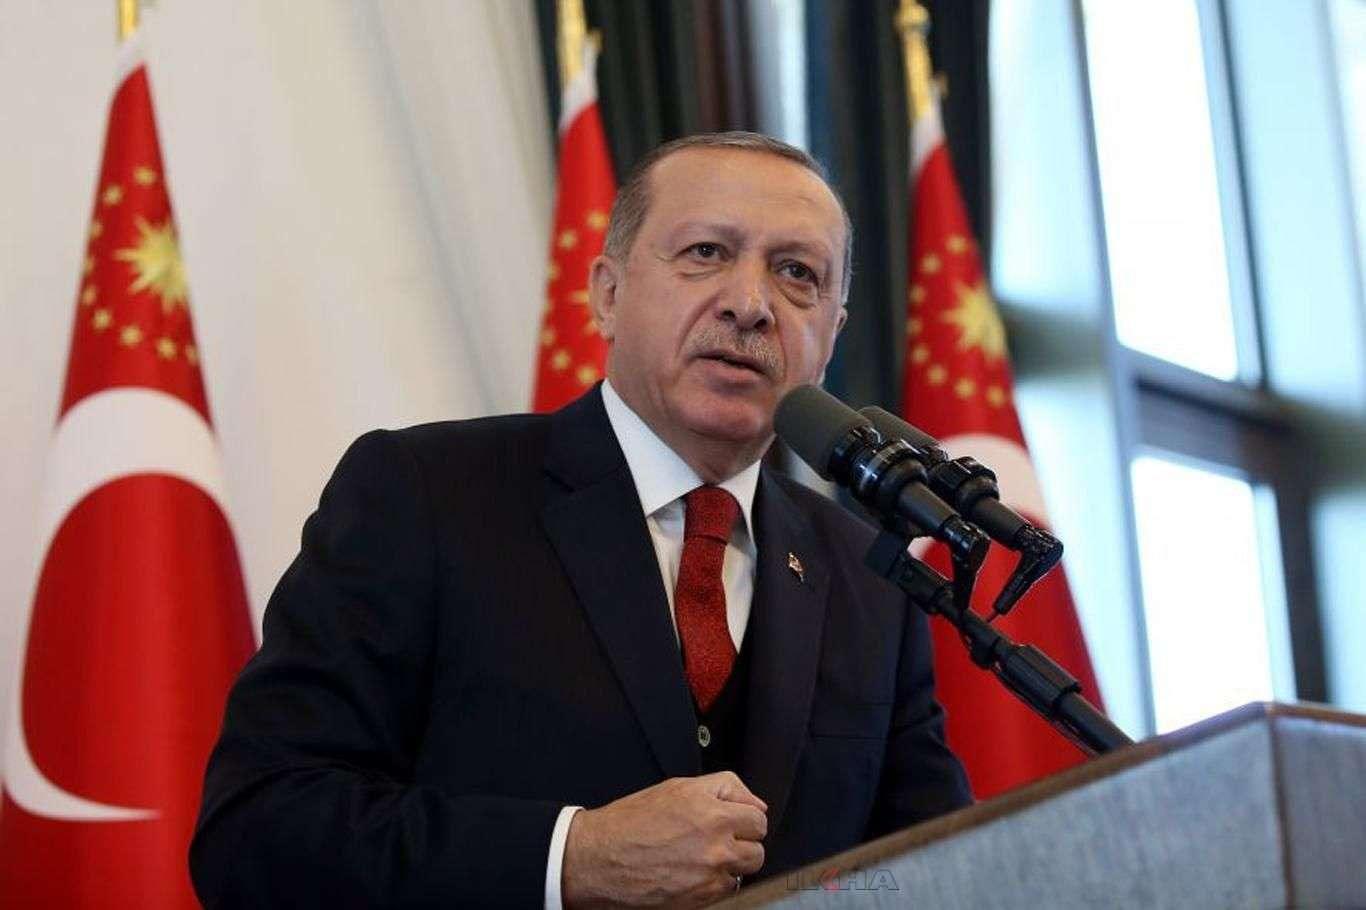 Başkan Erdoğan Önderliğinde, MYK Toplantısı Yapılacak